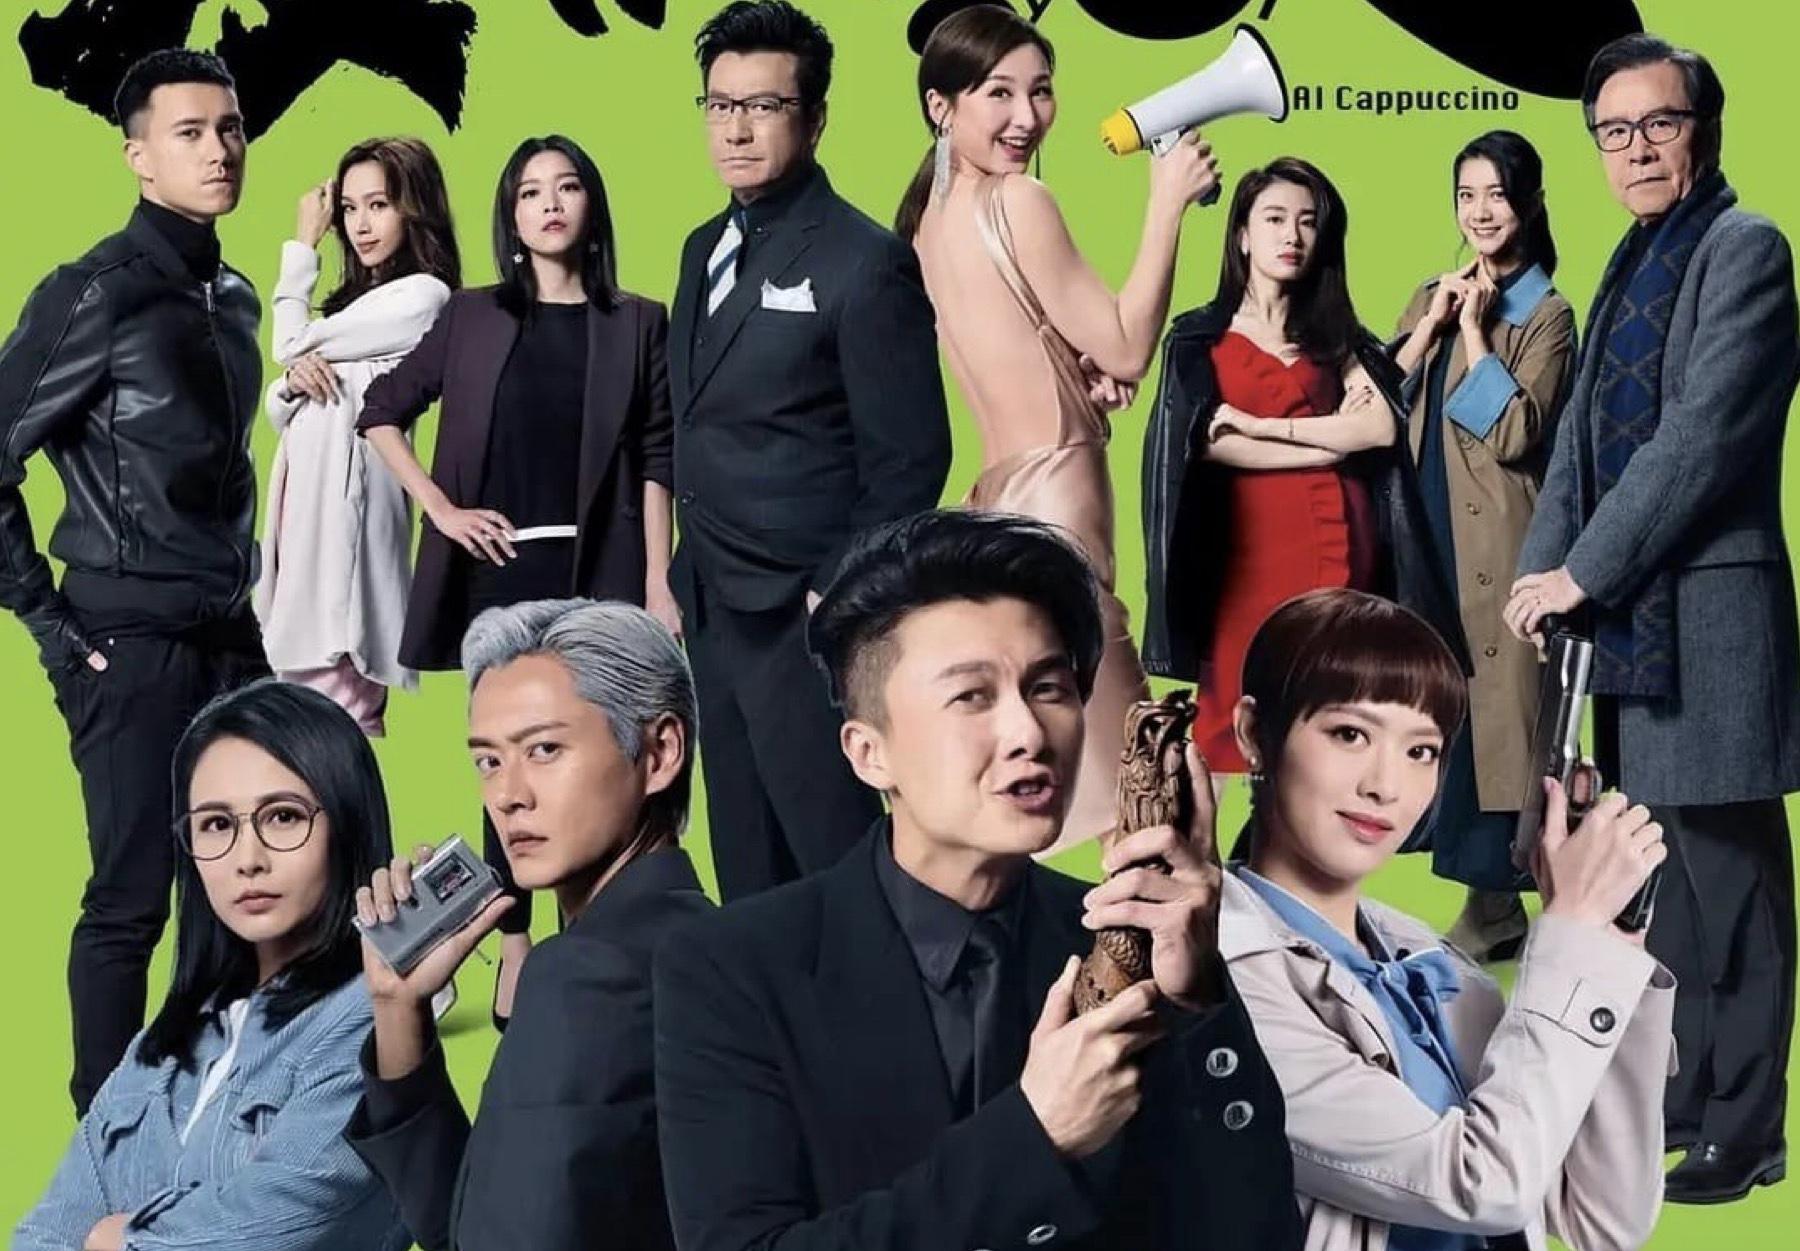 Al cappuccino tvb drama poster